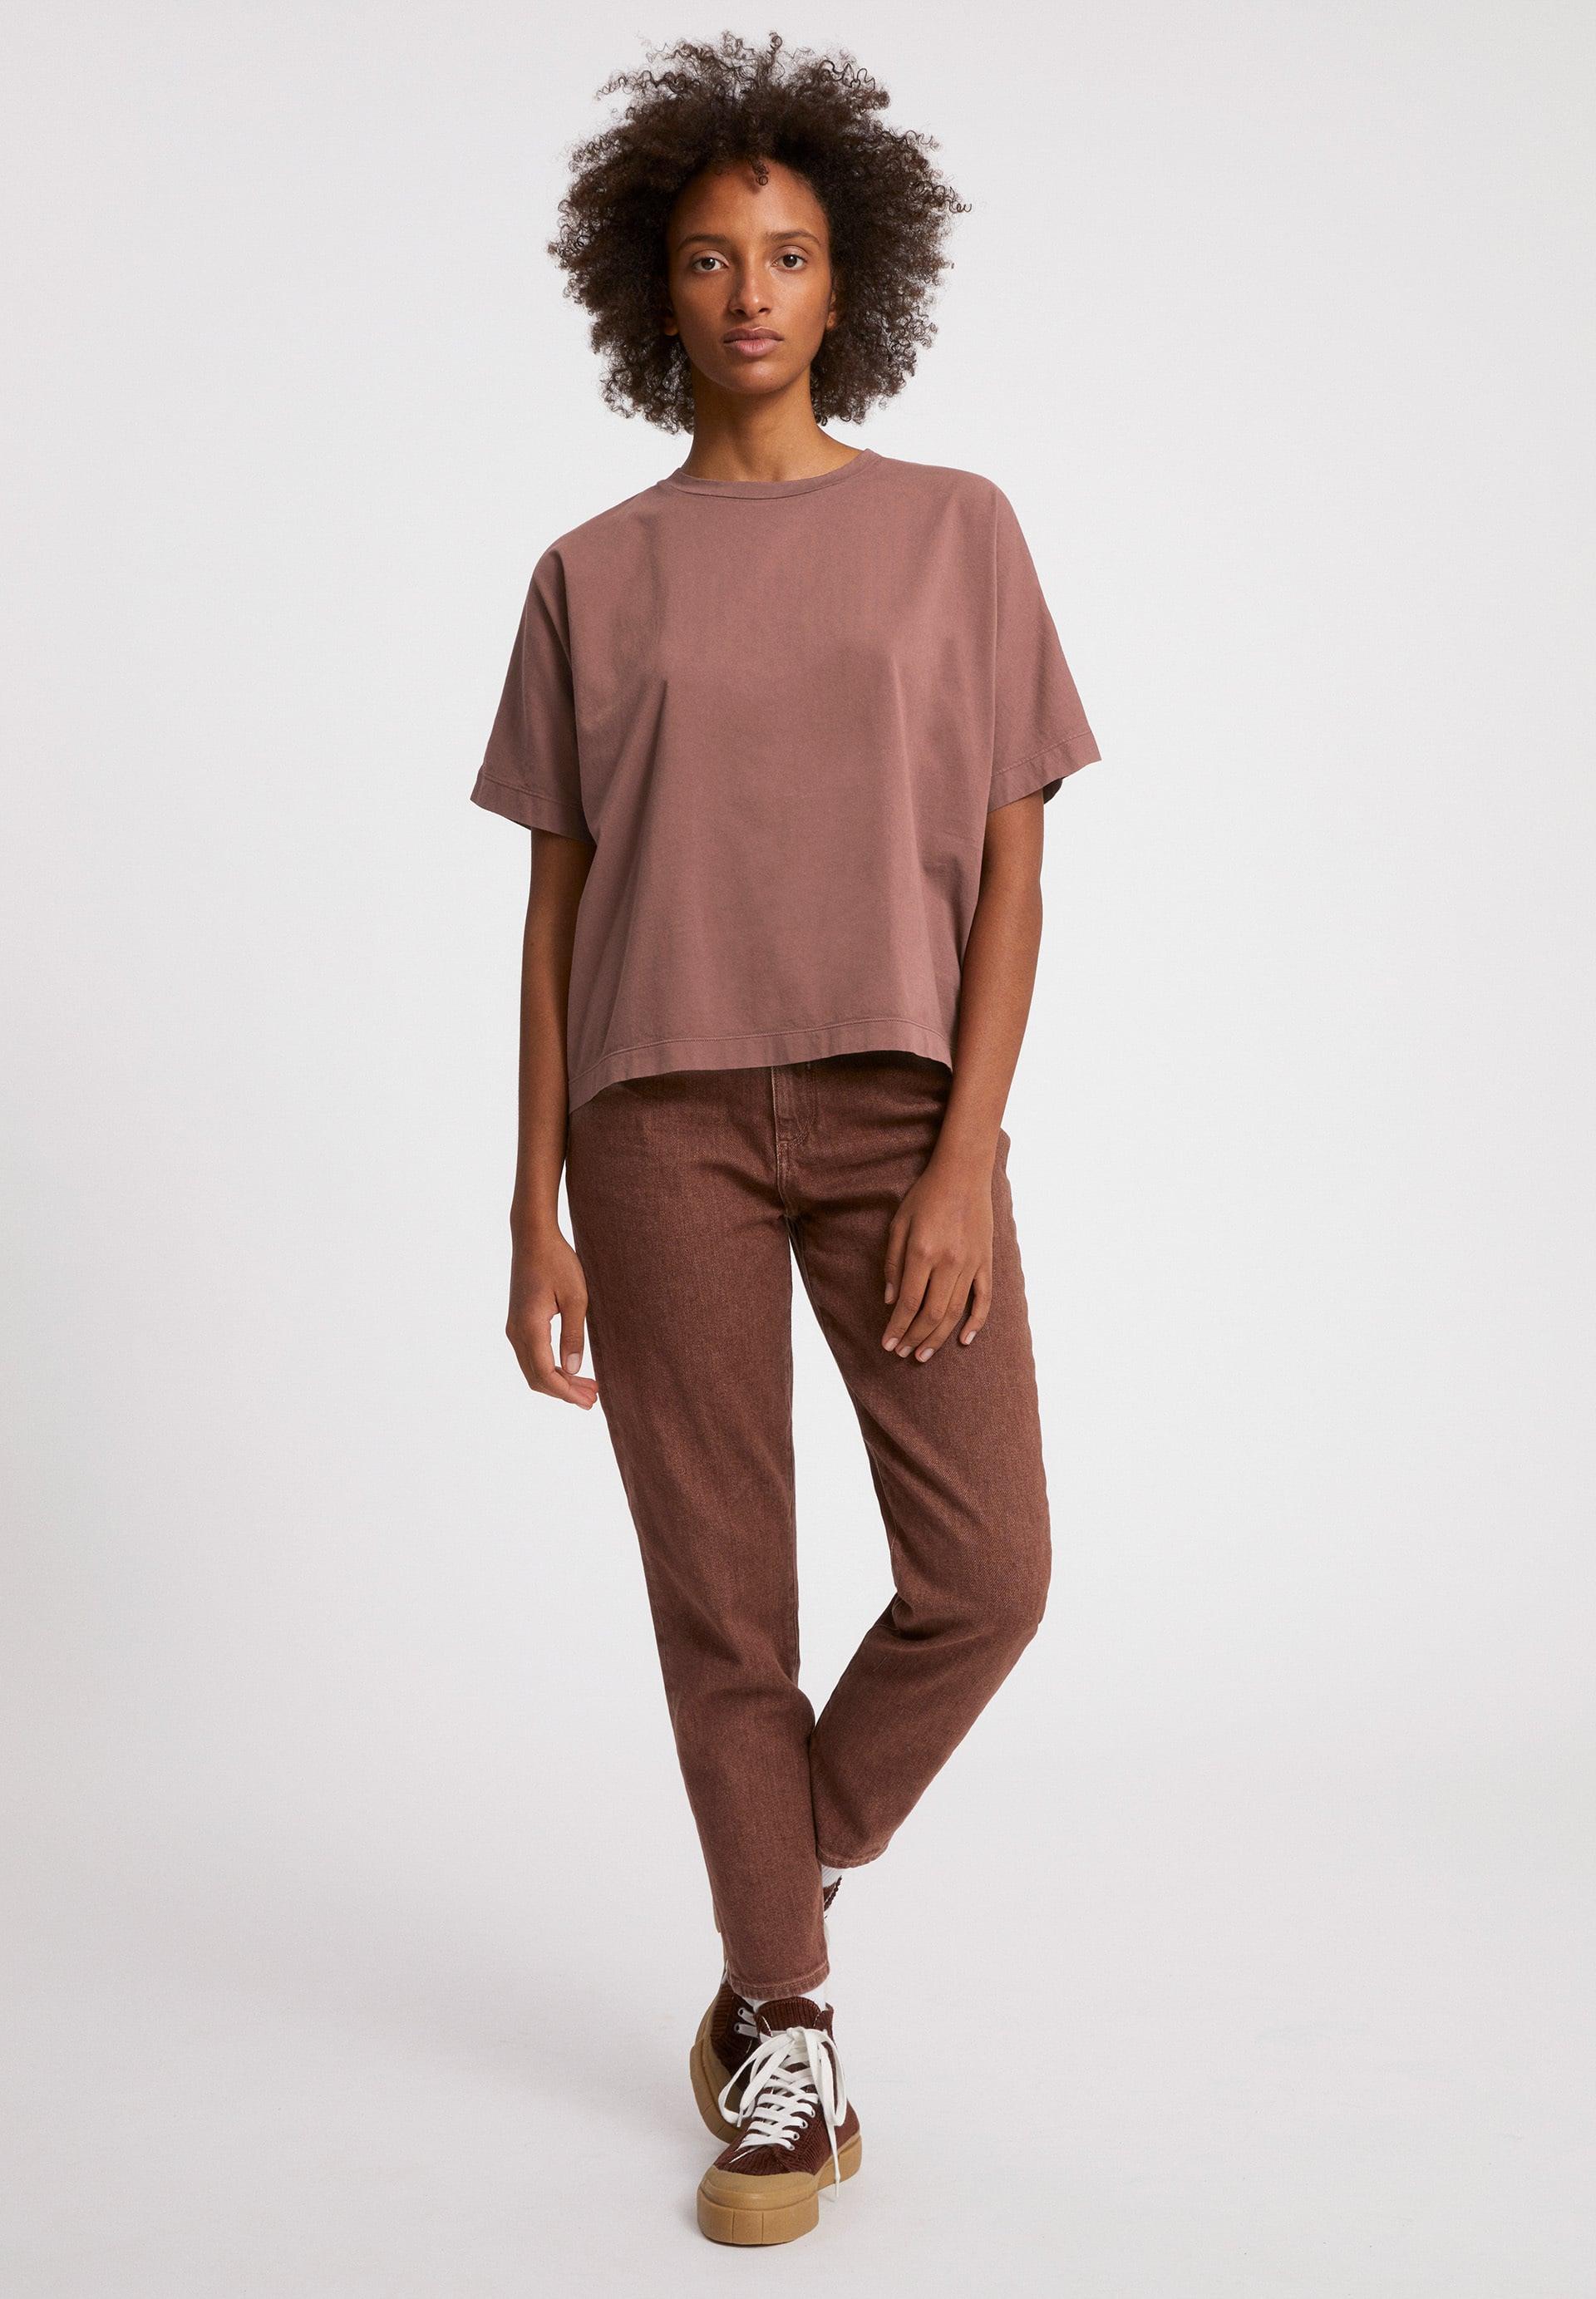 KAJAA EARTHCOLORS® T-shirt en coton biologique